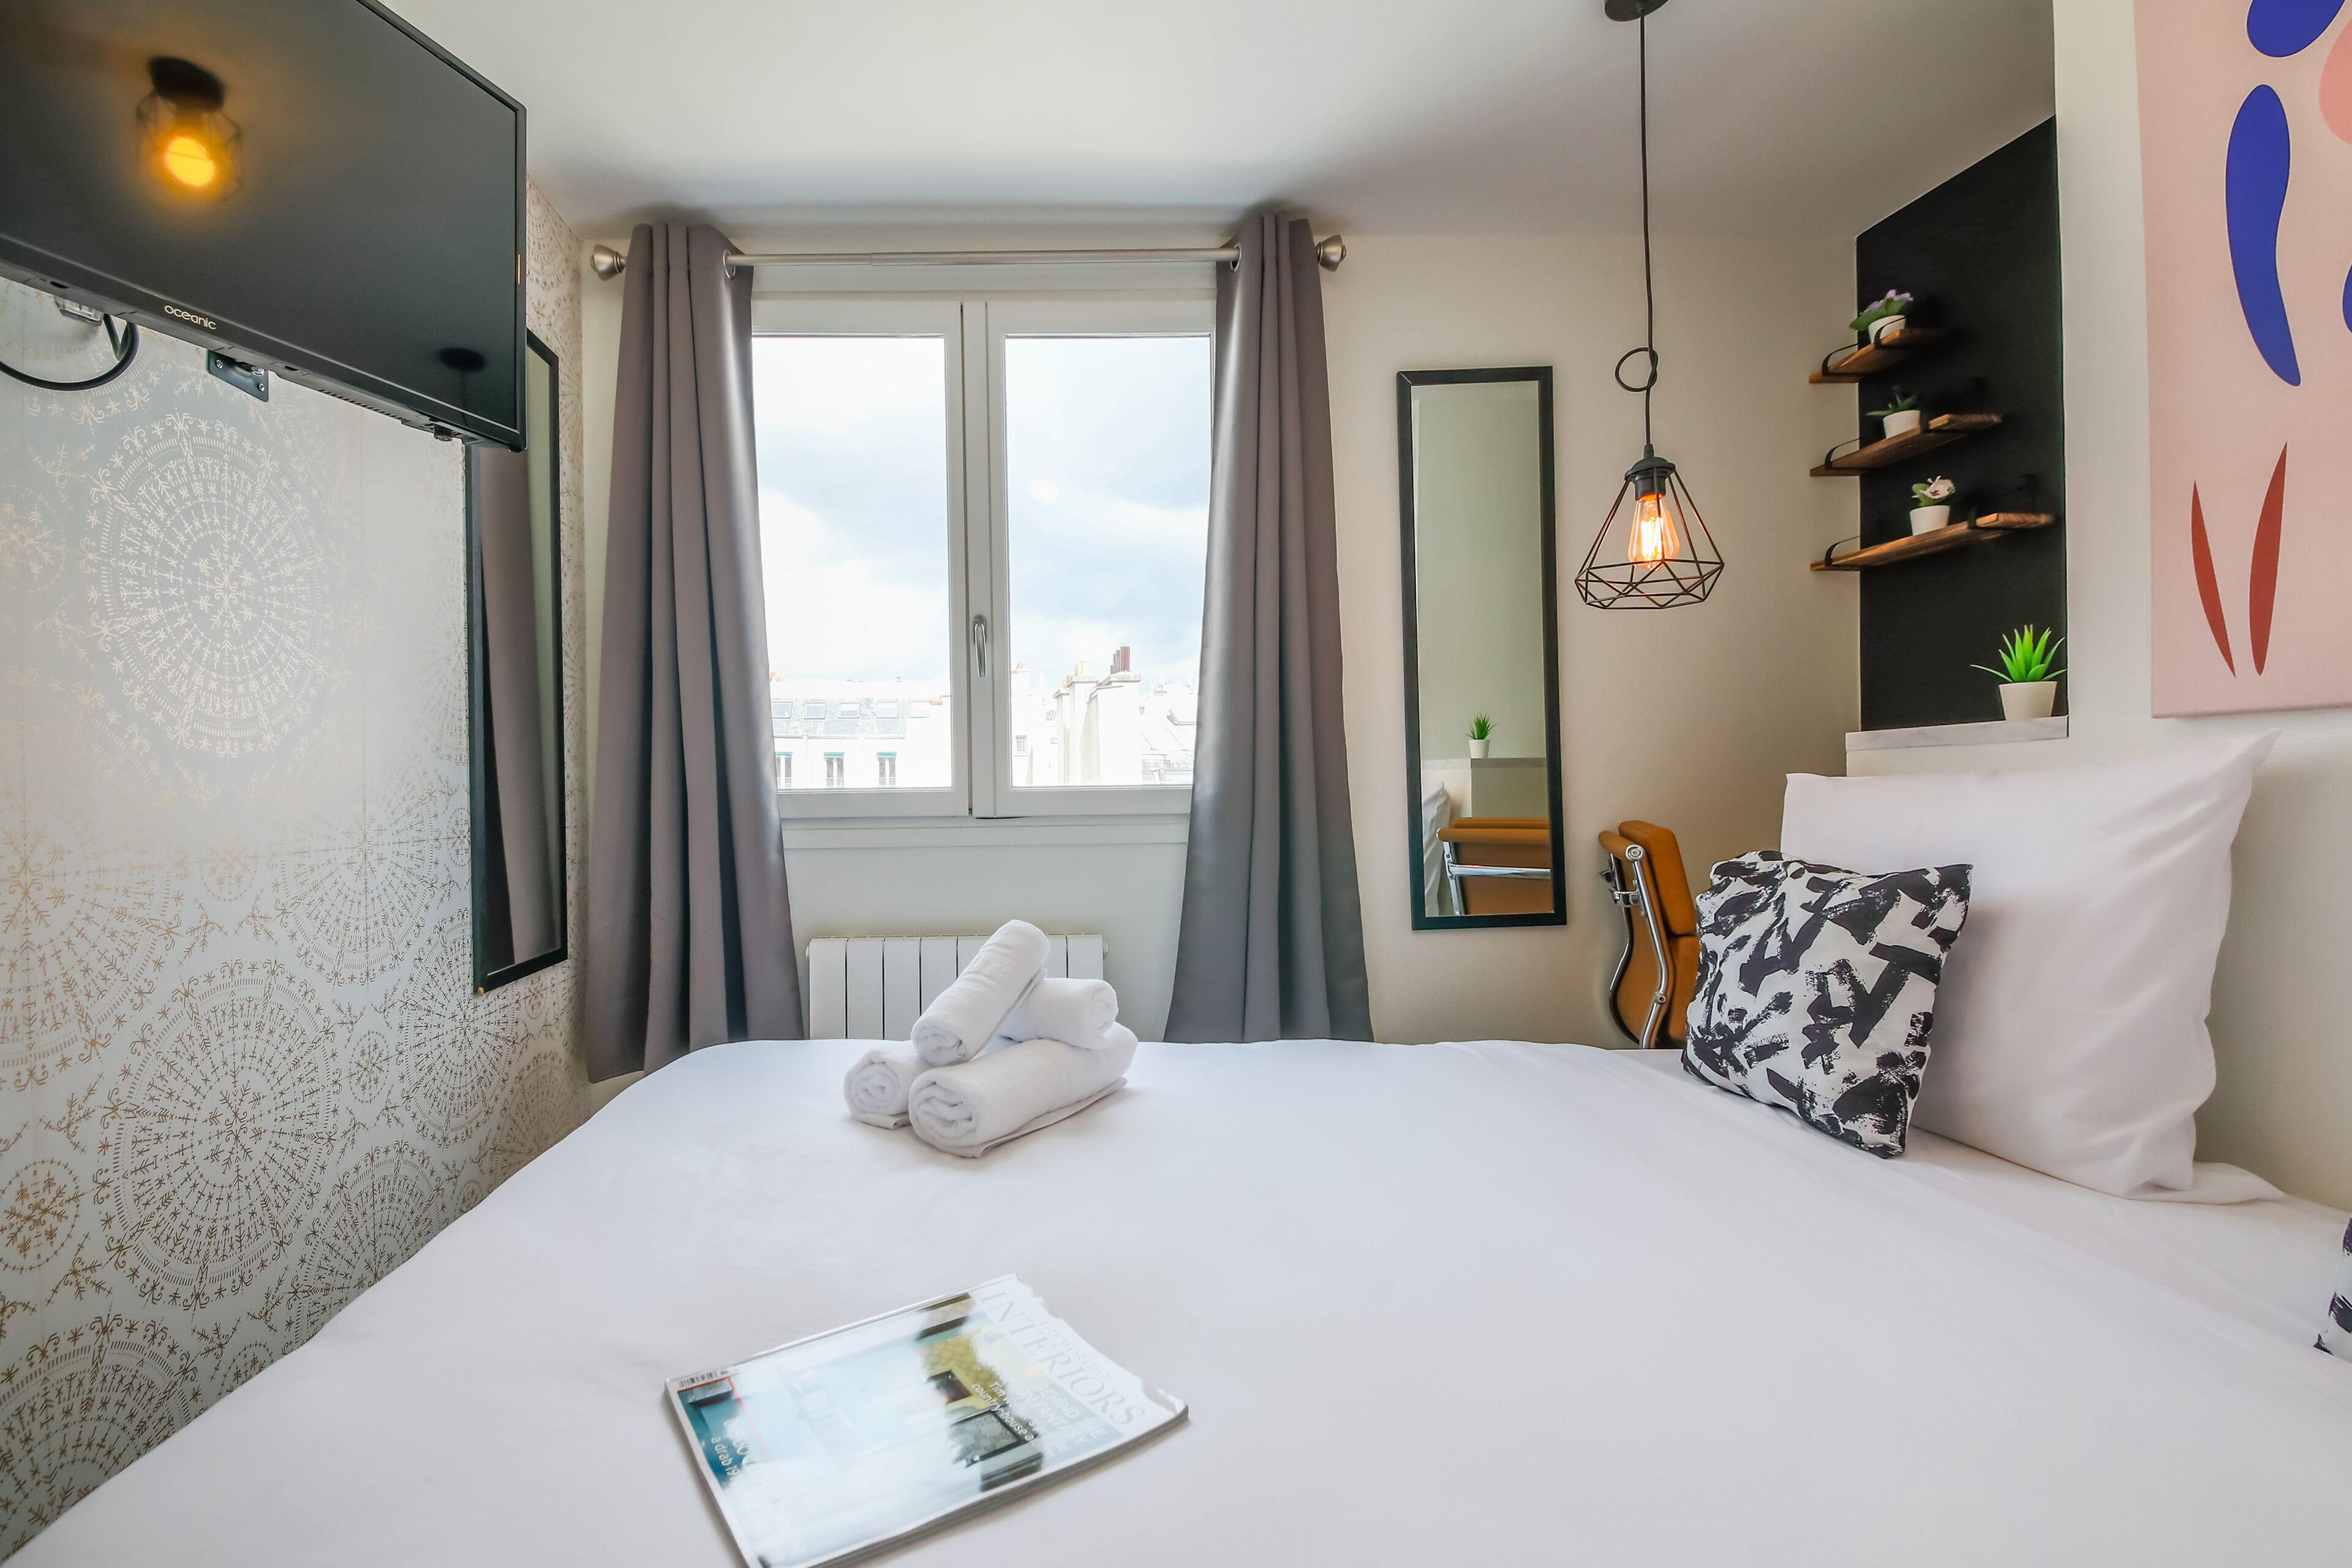 Apartments Ws Lafayette - Saint-lazare